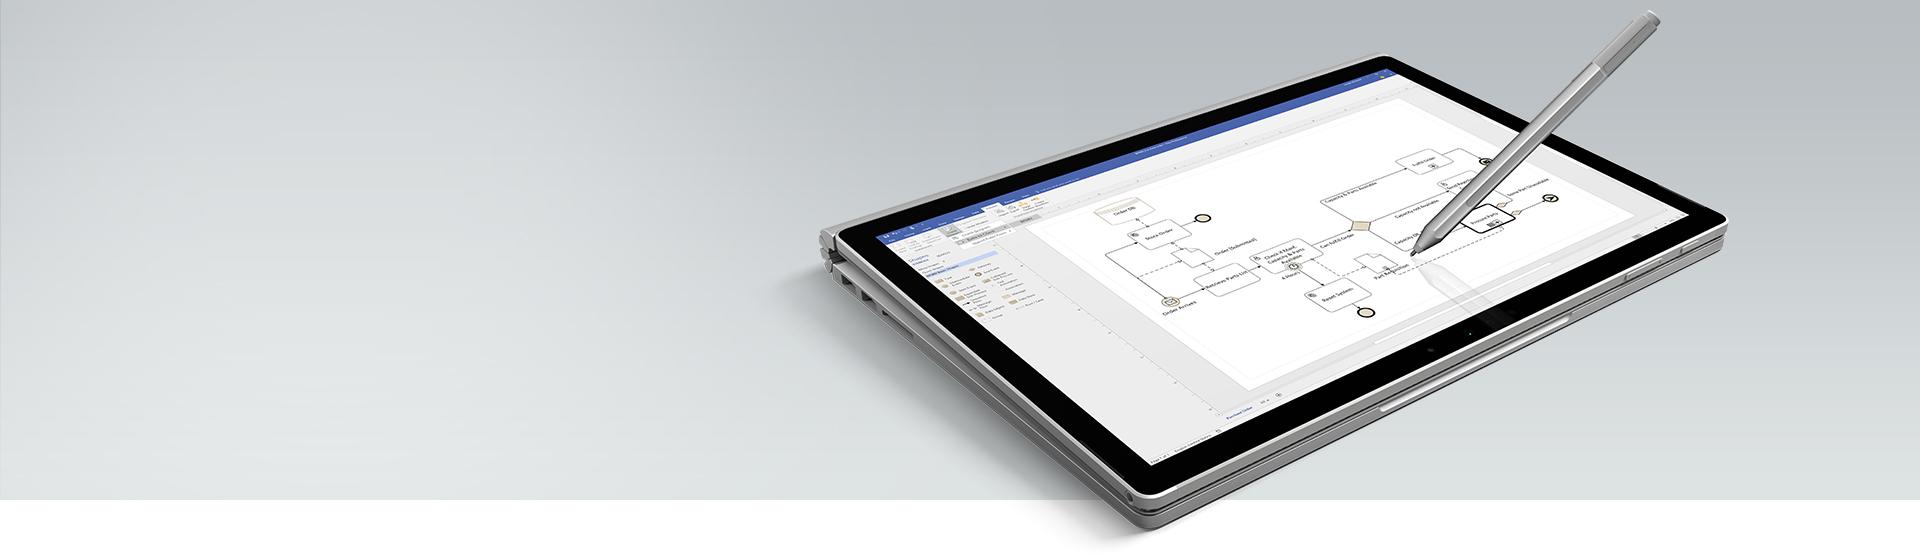 Máy tính bảng Surface đang hiển thị sơ đồ tiến trình trong Visio